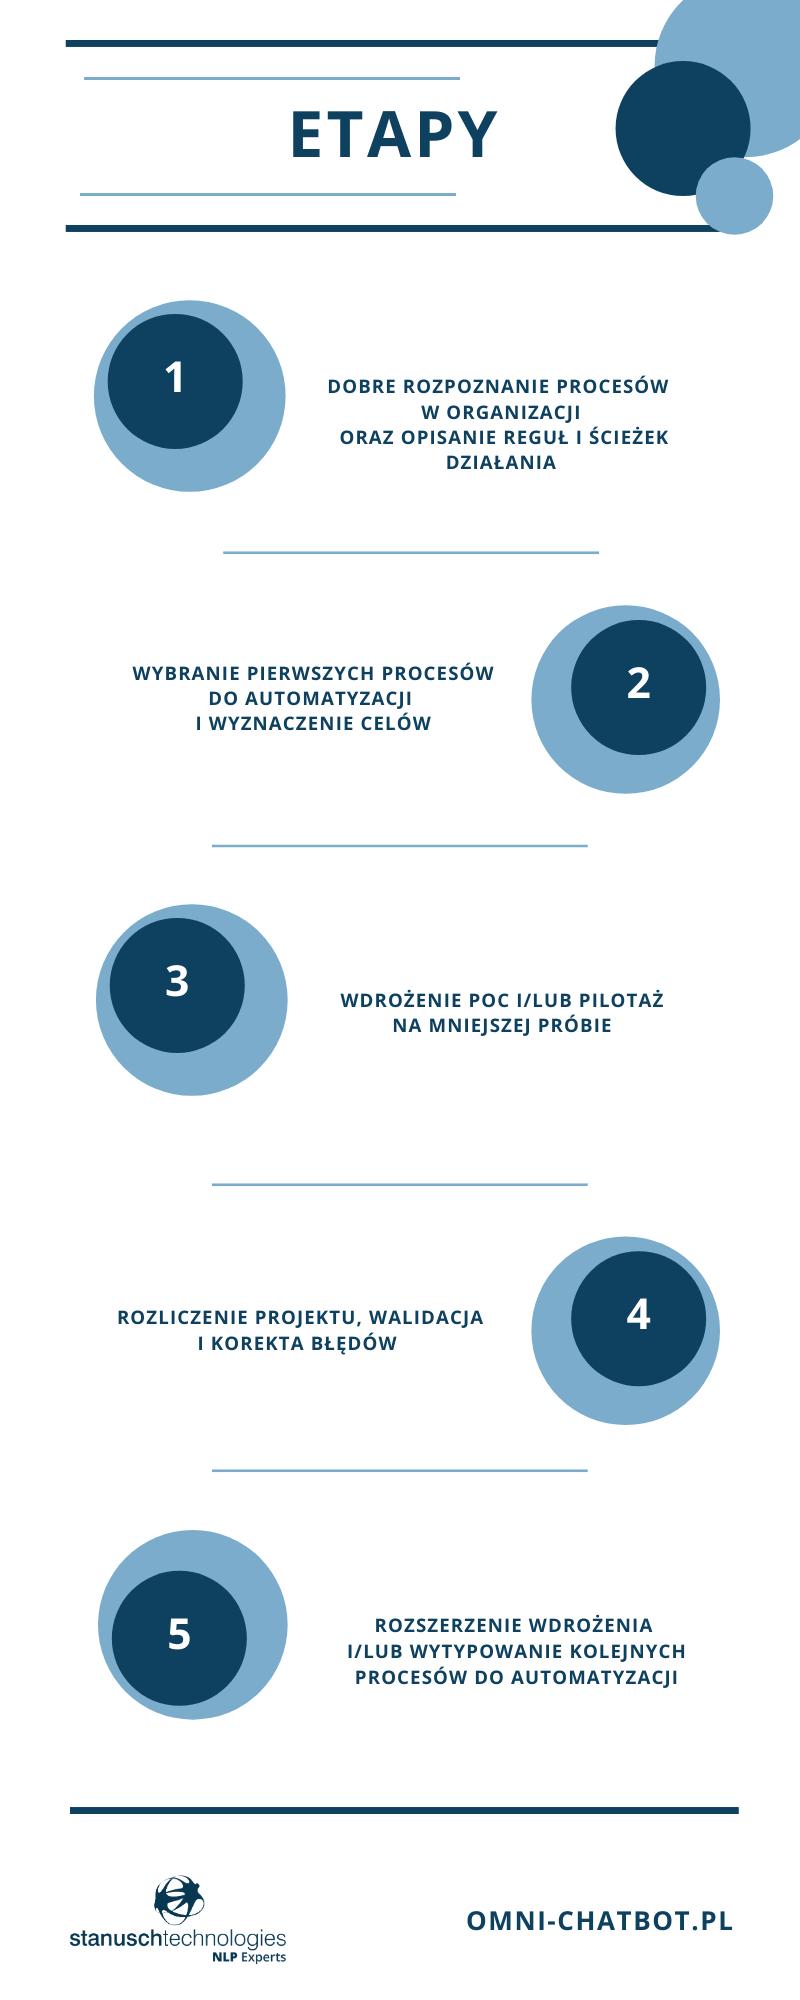 etapy działania przy projektach związanych z automatyzacją procesów biznesowych